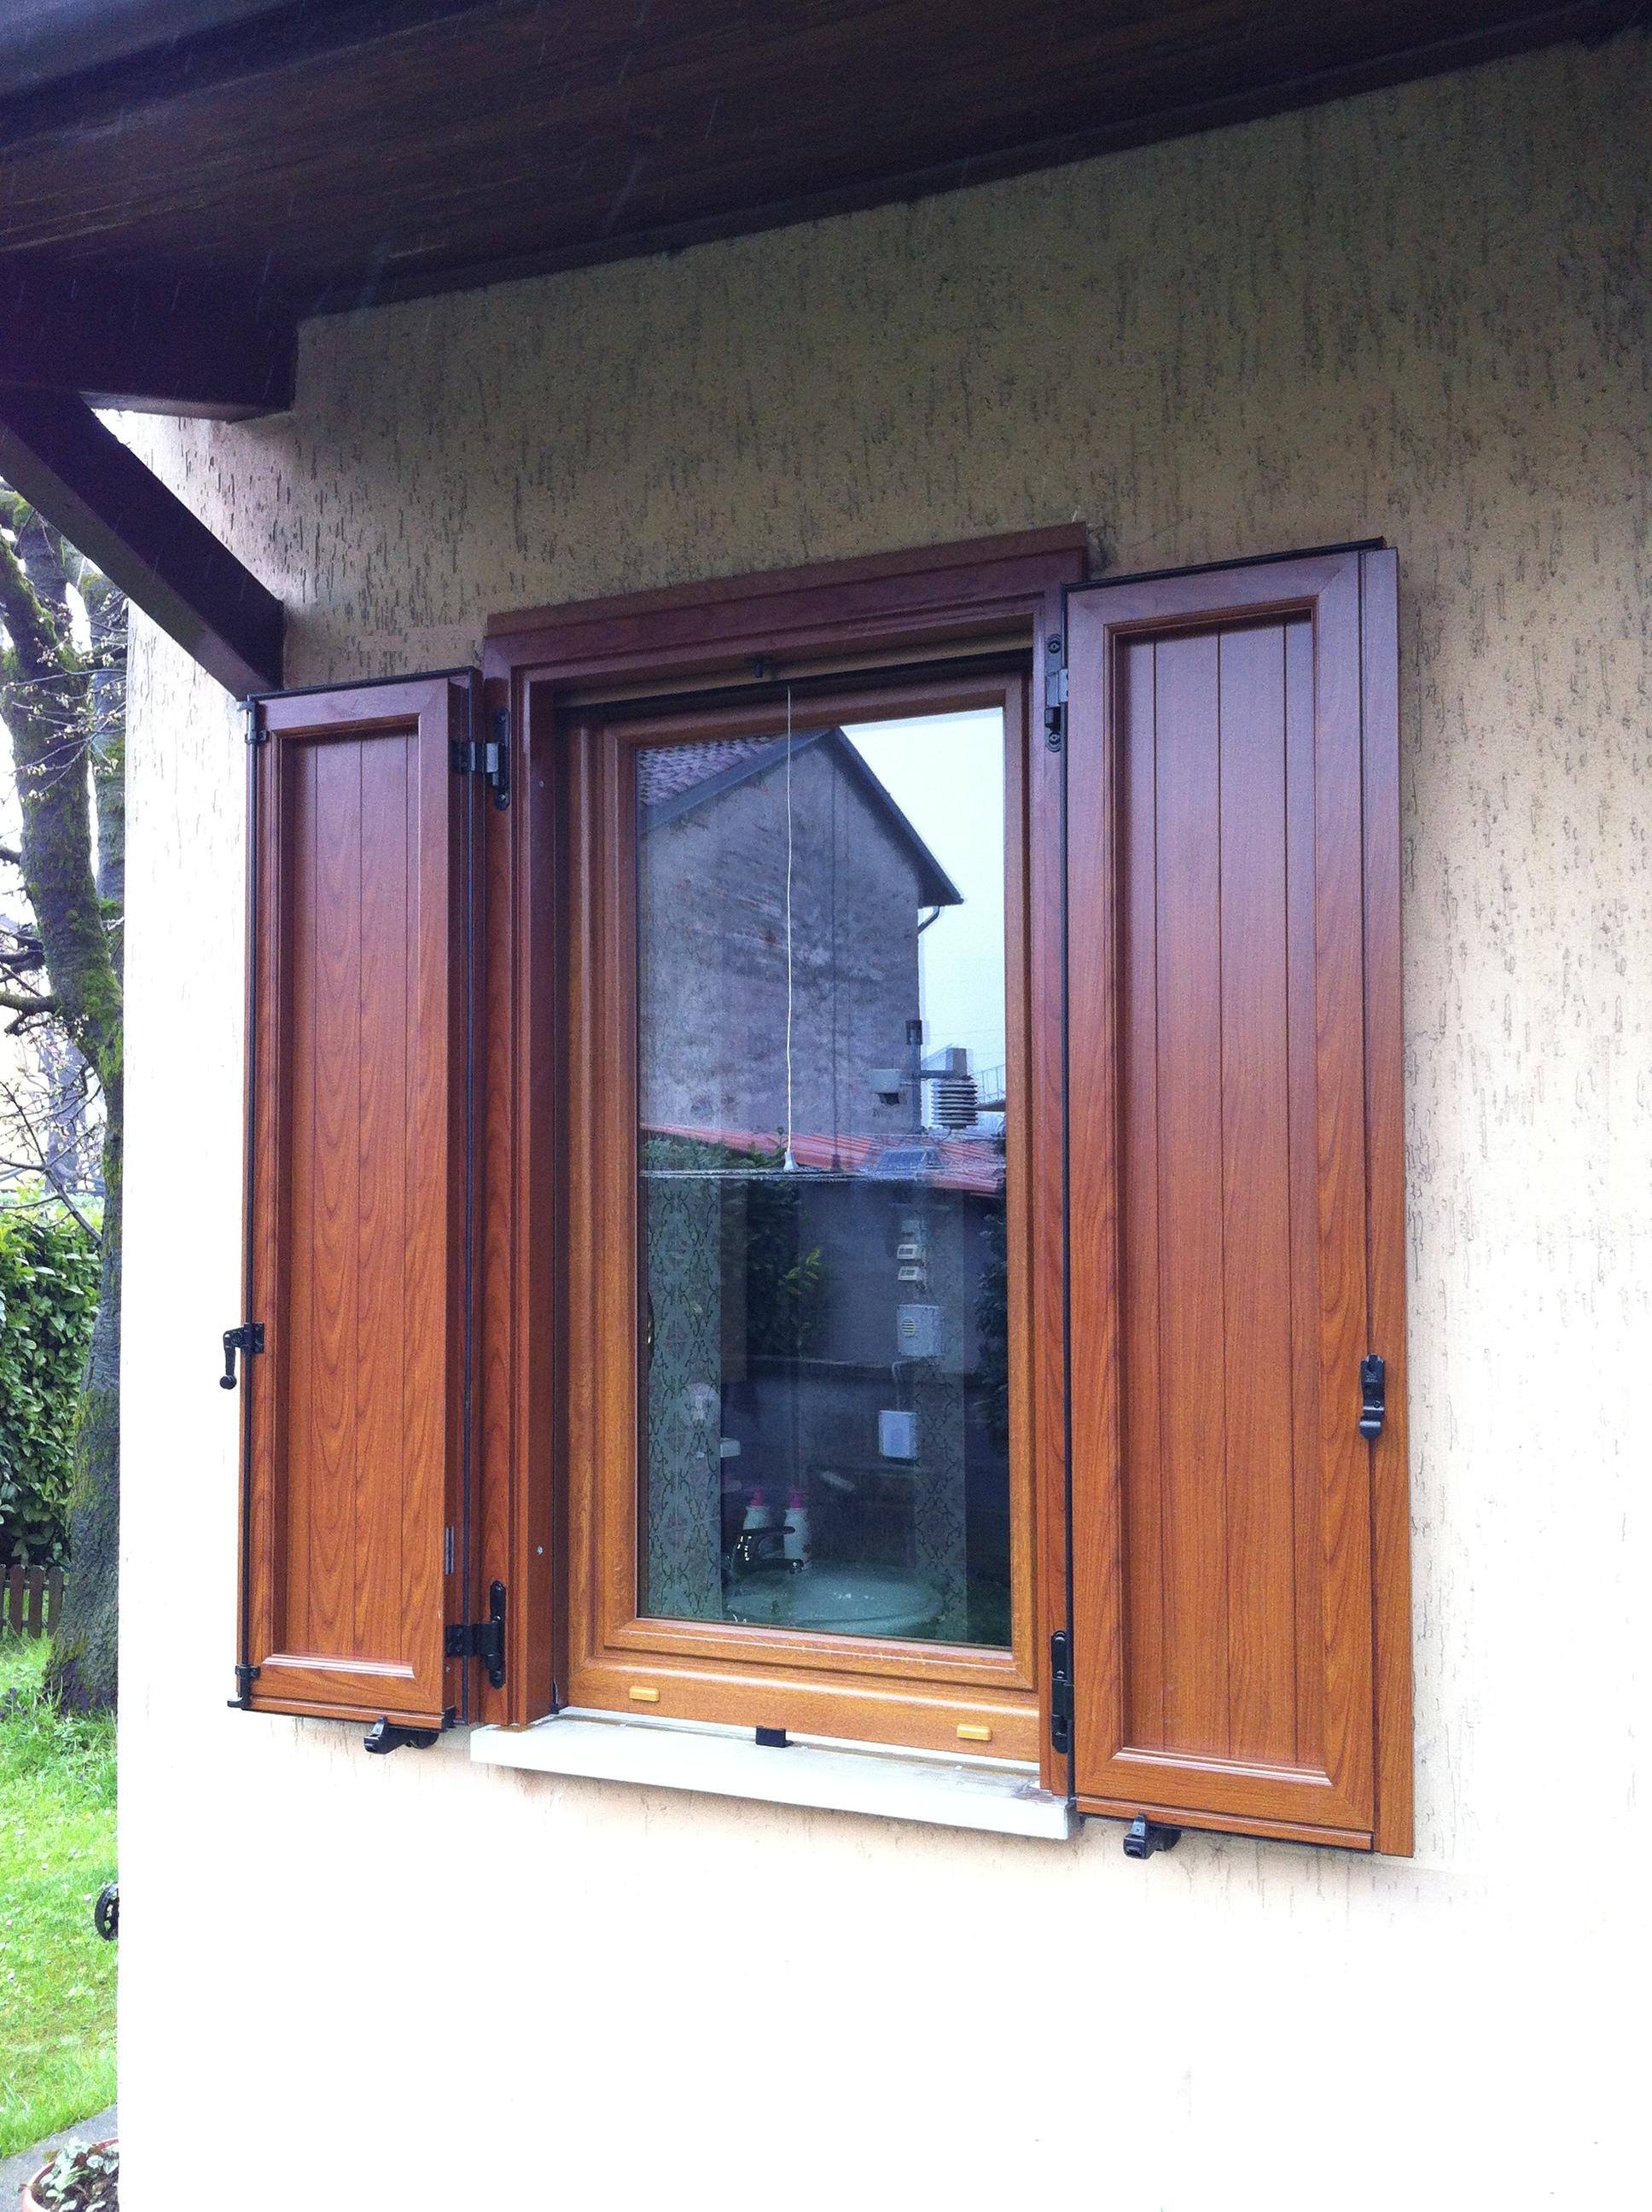 Sostituzione serramenti in PVC , zanzariere mod. incasso e antoni in alluminio , abitazione a Cremona.